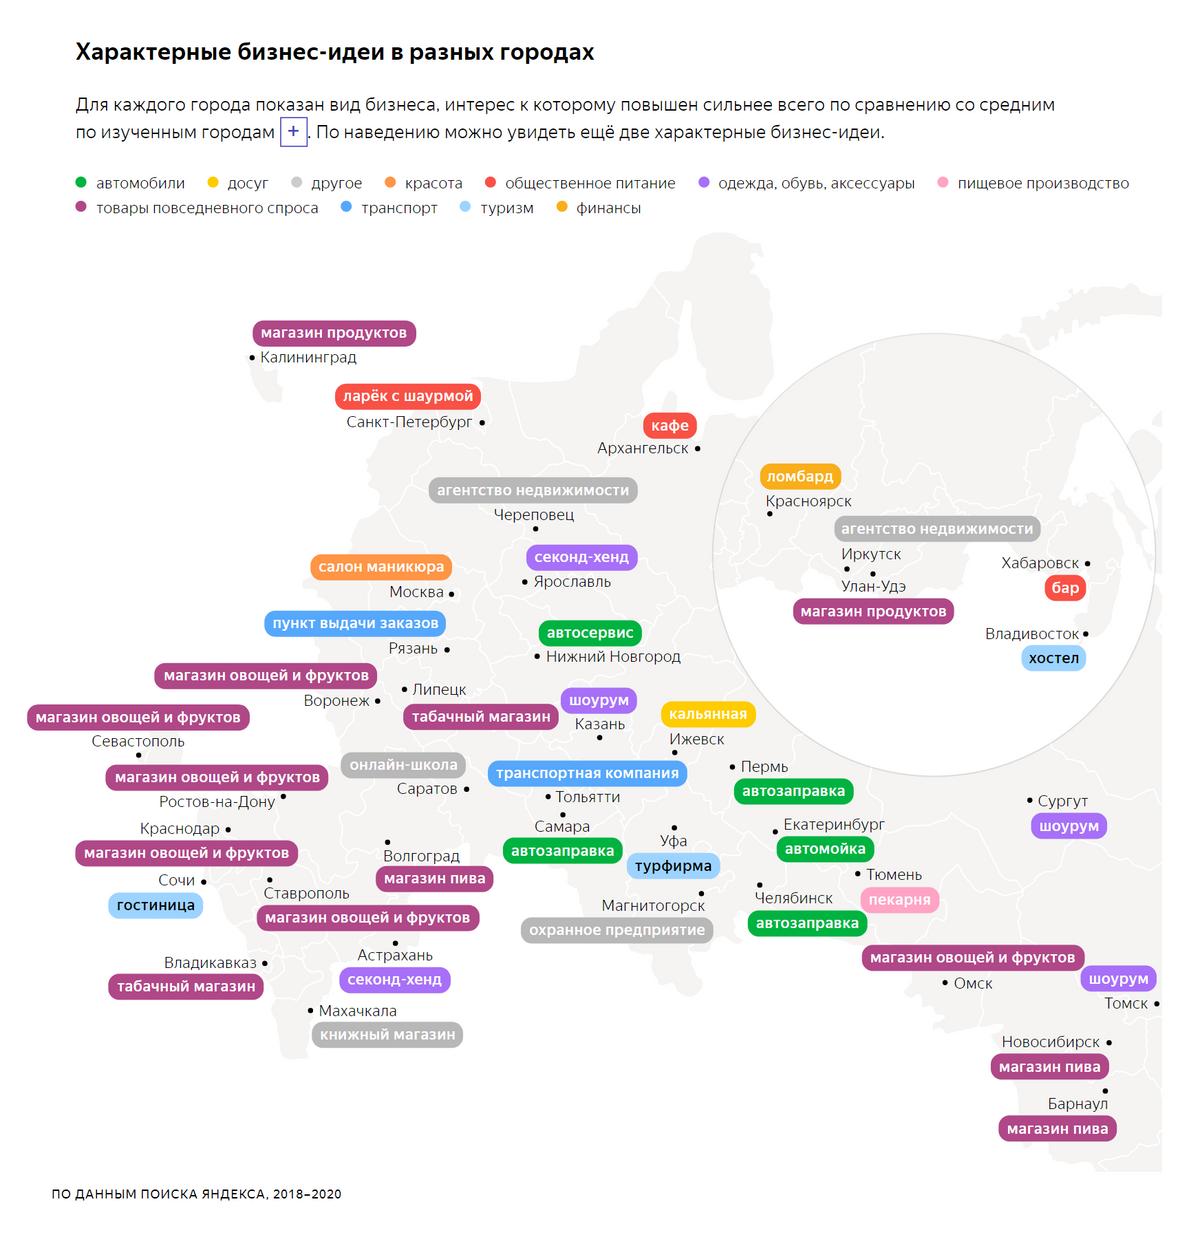 Какой бизнес хотят открыть в разных регионах. Источник: исследование «Яндекса»